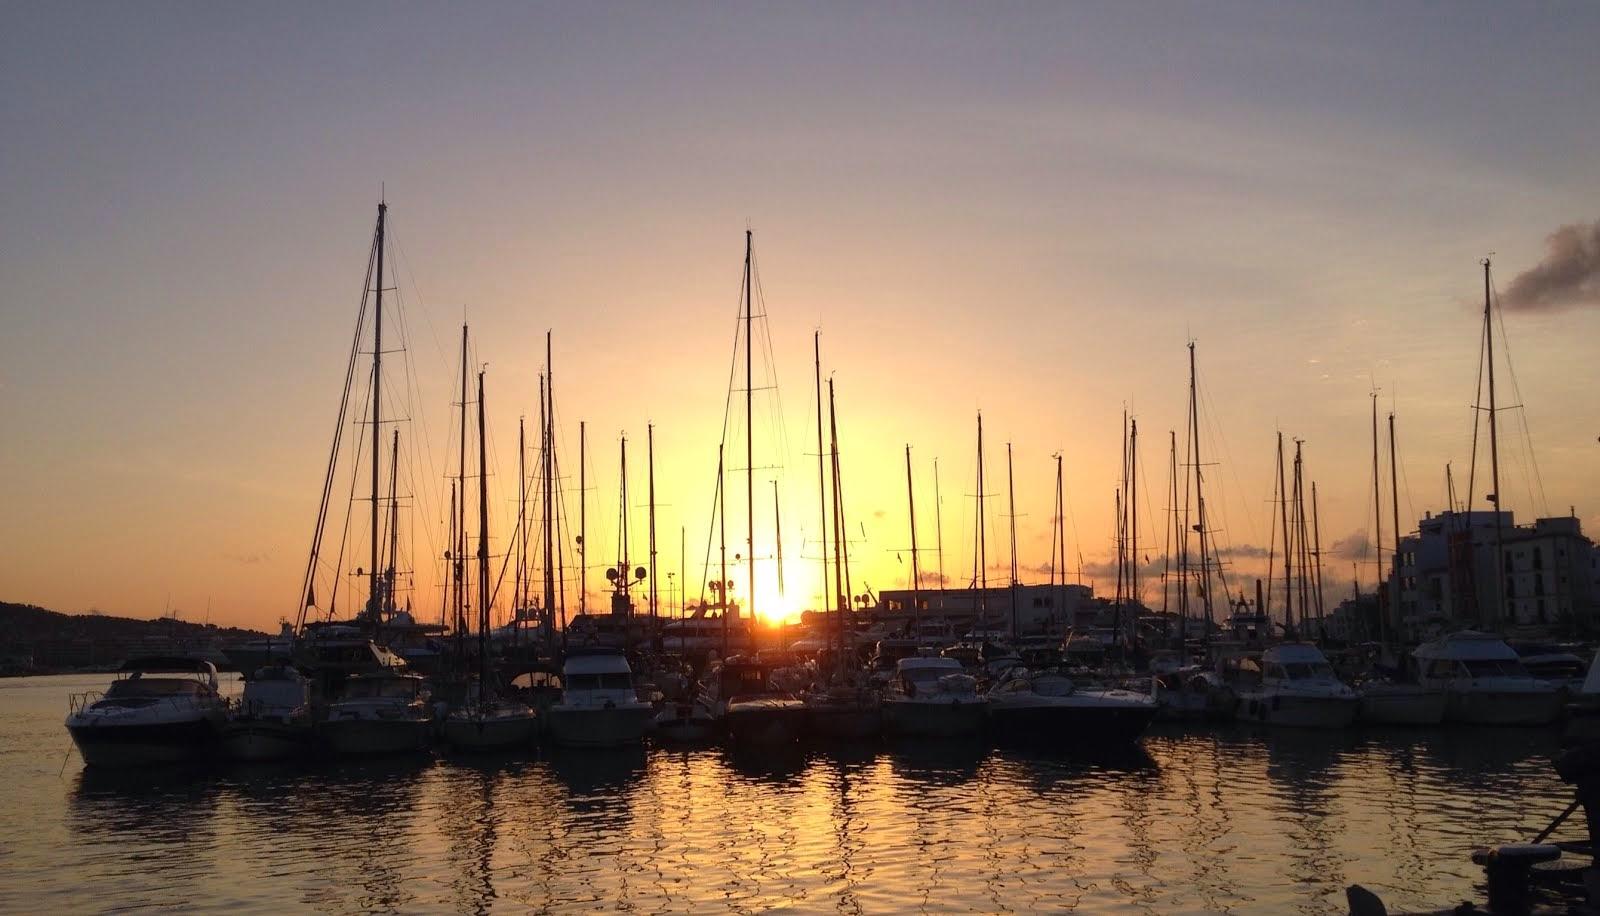 Ibiza Hafen früh am Morgen